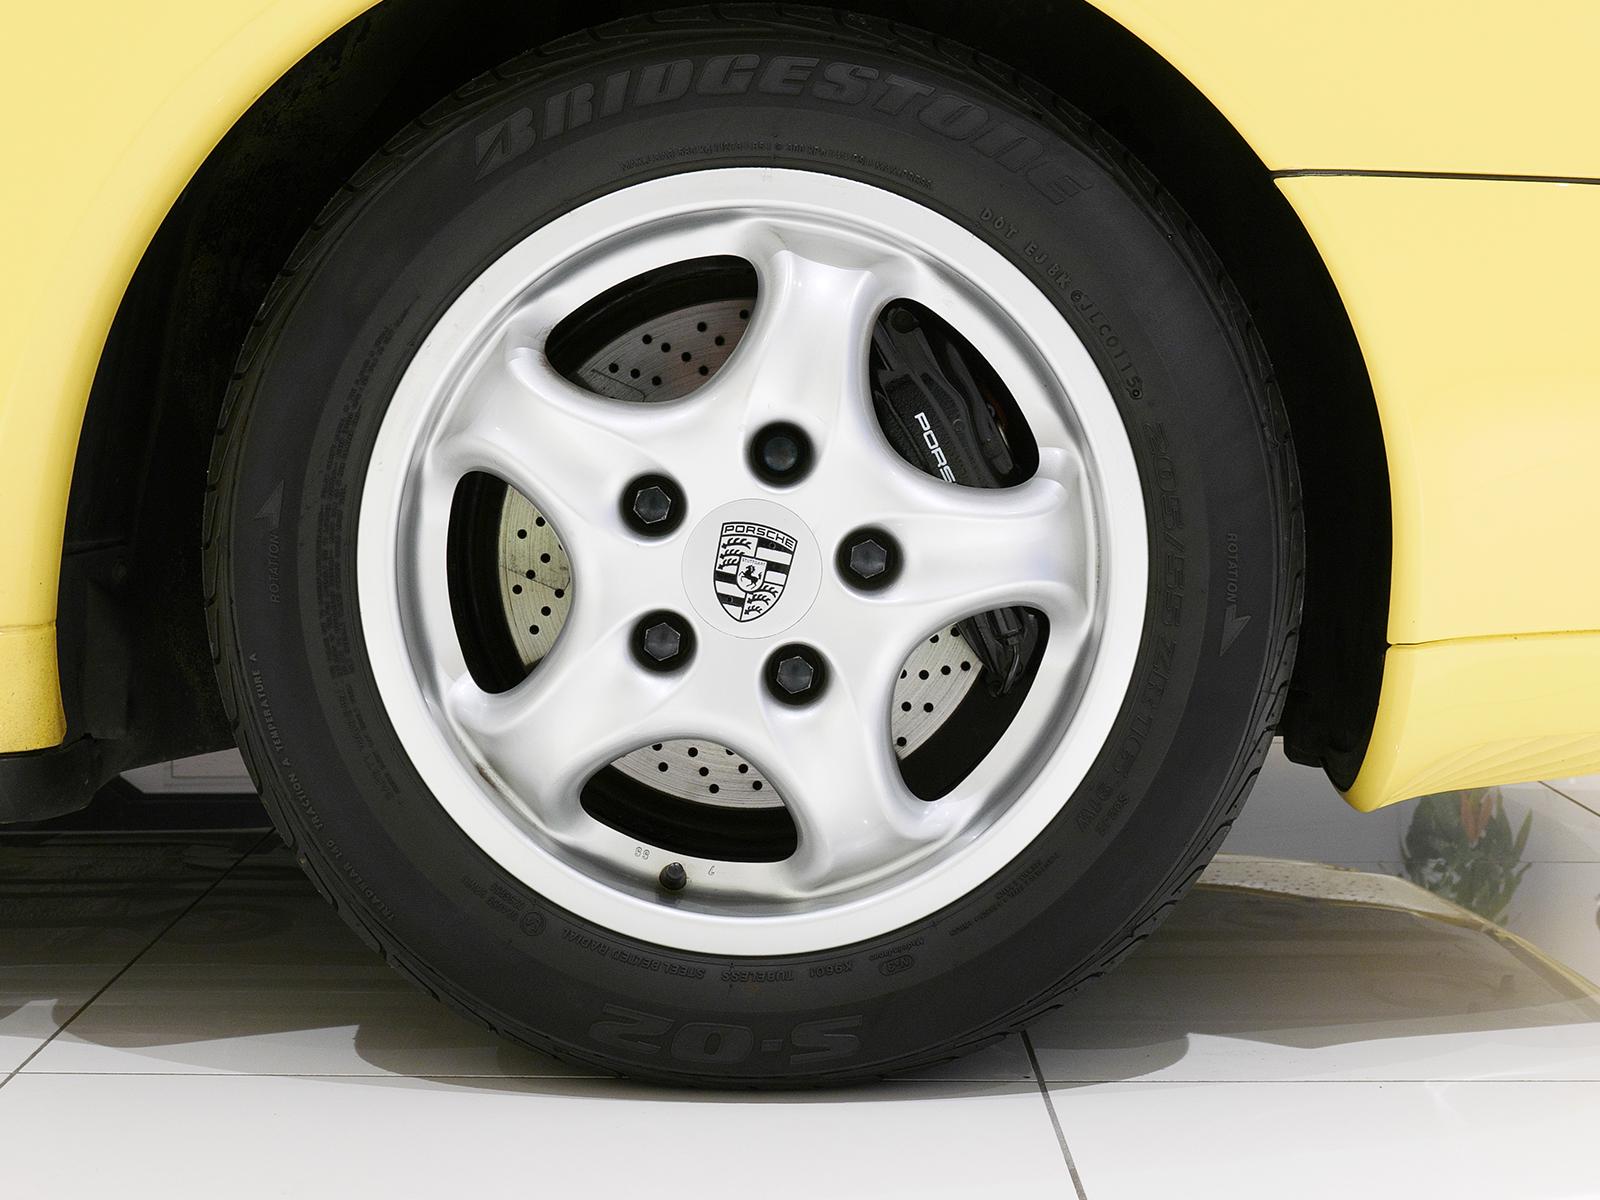 ポルシェ 911 タイプ993 カレラ タイプ Ⅰ リアホイール